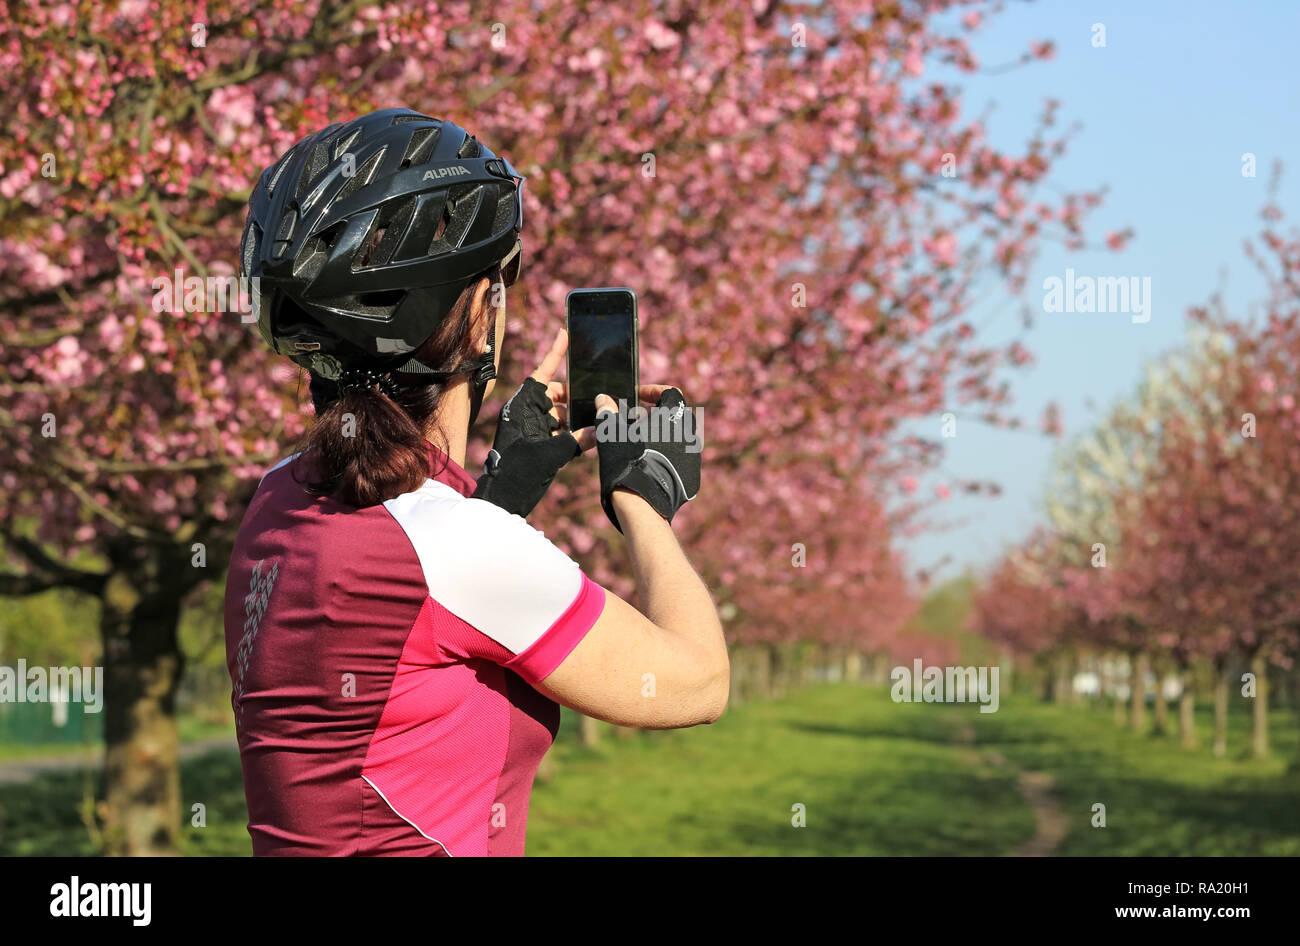 20.04.2018, Brandenburg, Teltow, Deutschland, Radfahrerin macht ein Foto von bluehenden Kirschbaeumen in der TV-Asahi-Kirschbluetenallee. 00S180420D07 Stock Photo